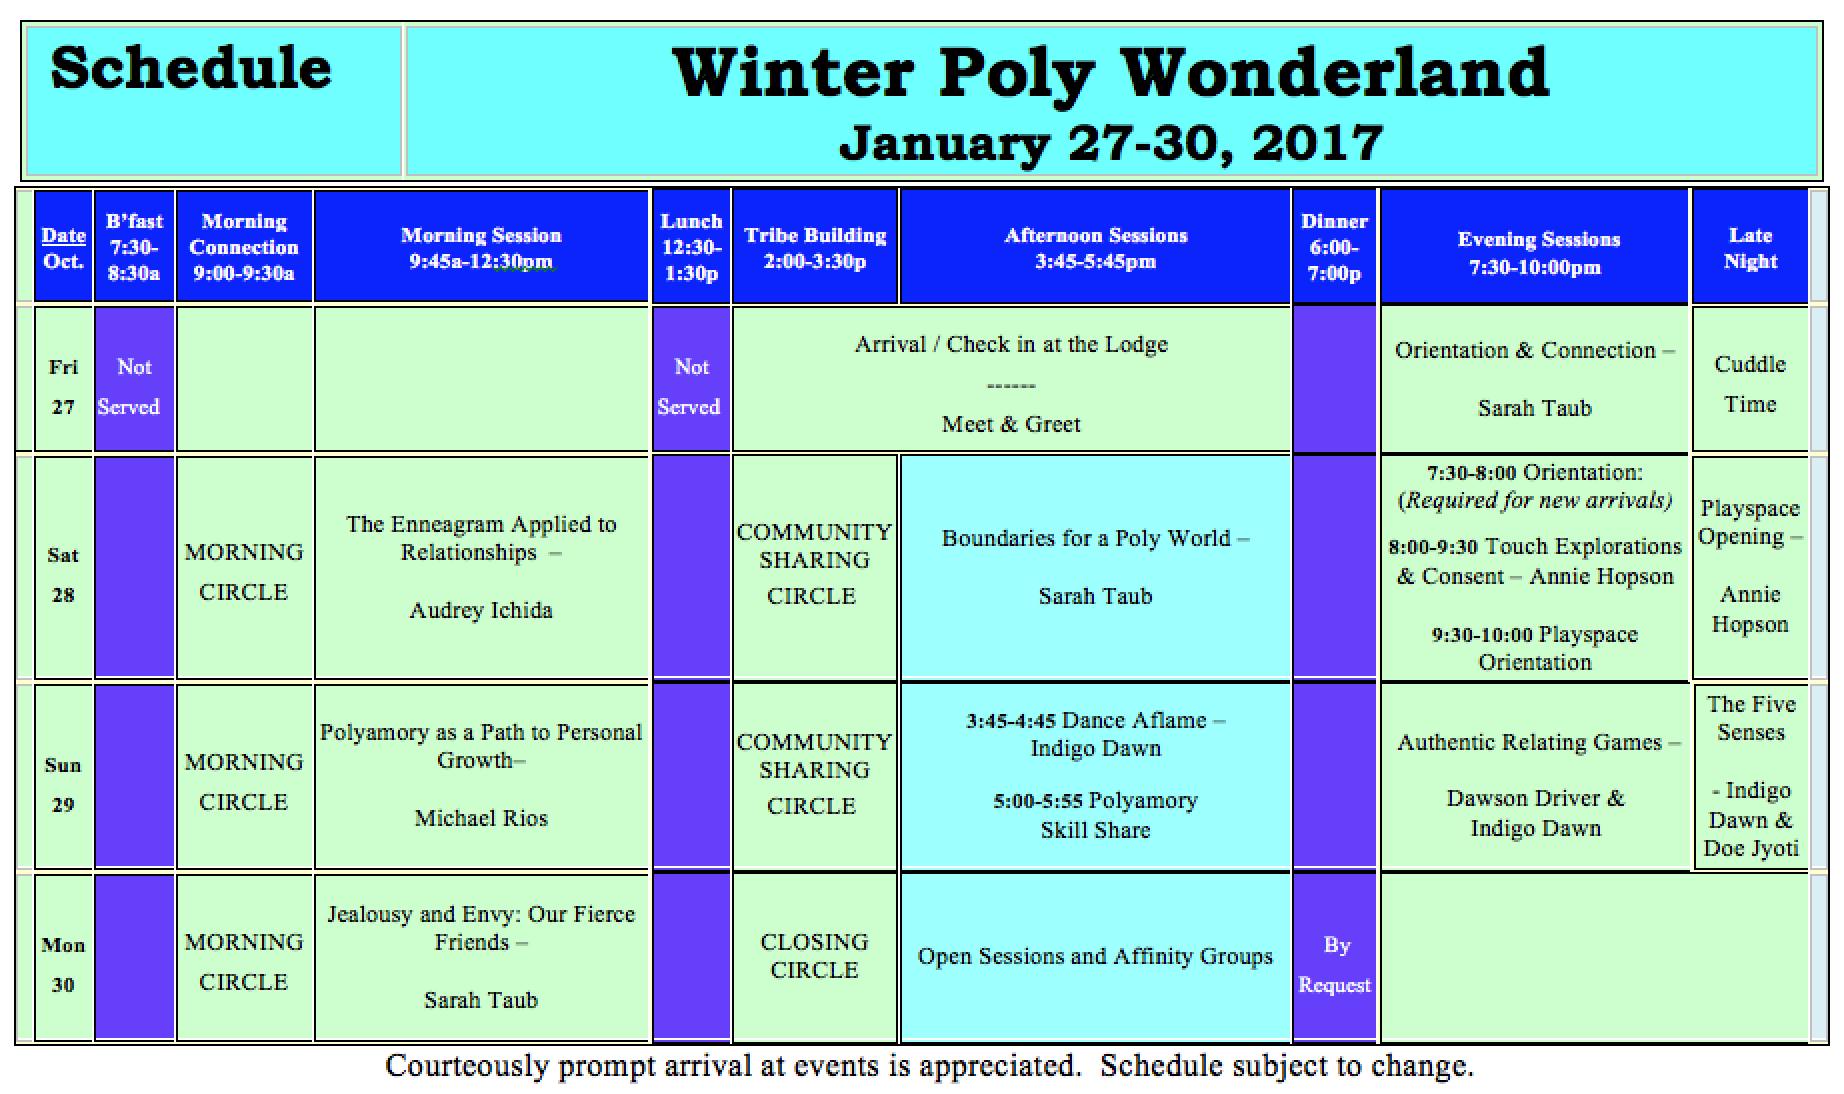 WPW Schedule '17